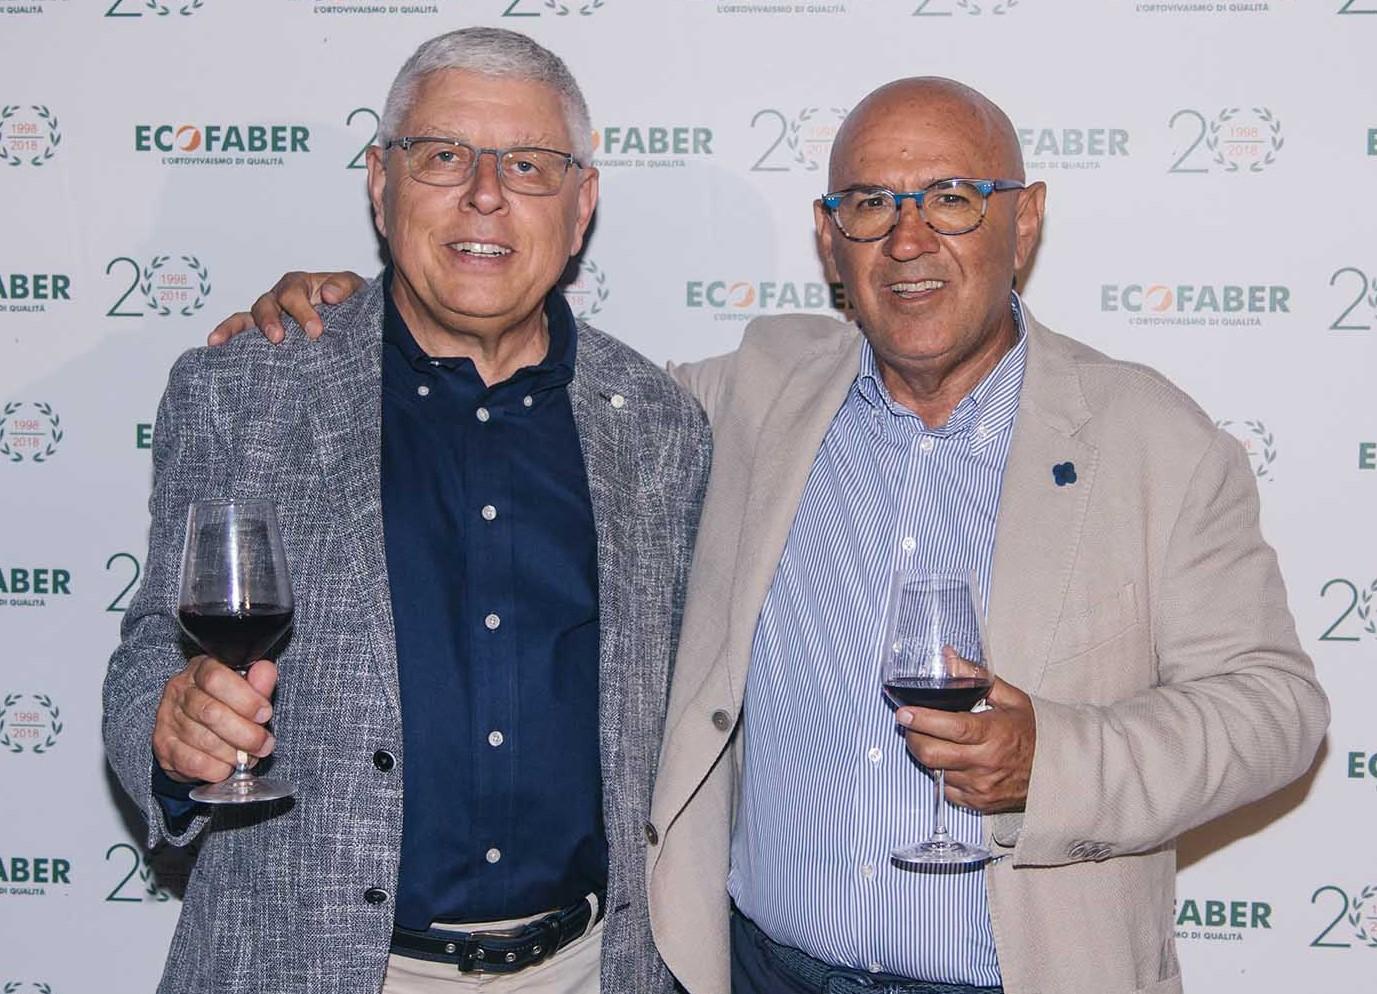 Modica, la Ecofaber celebra i 20 anni di attività con nuove serre a Pachino